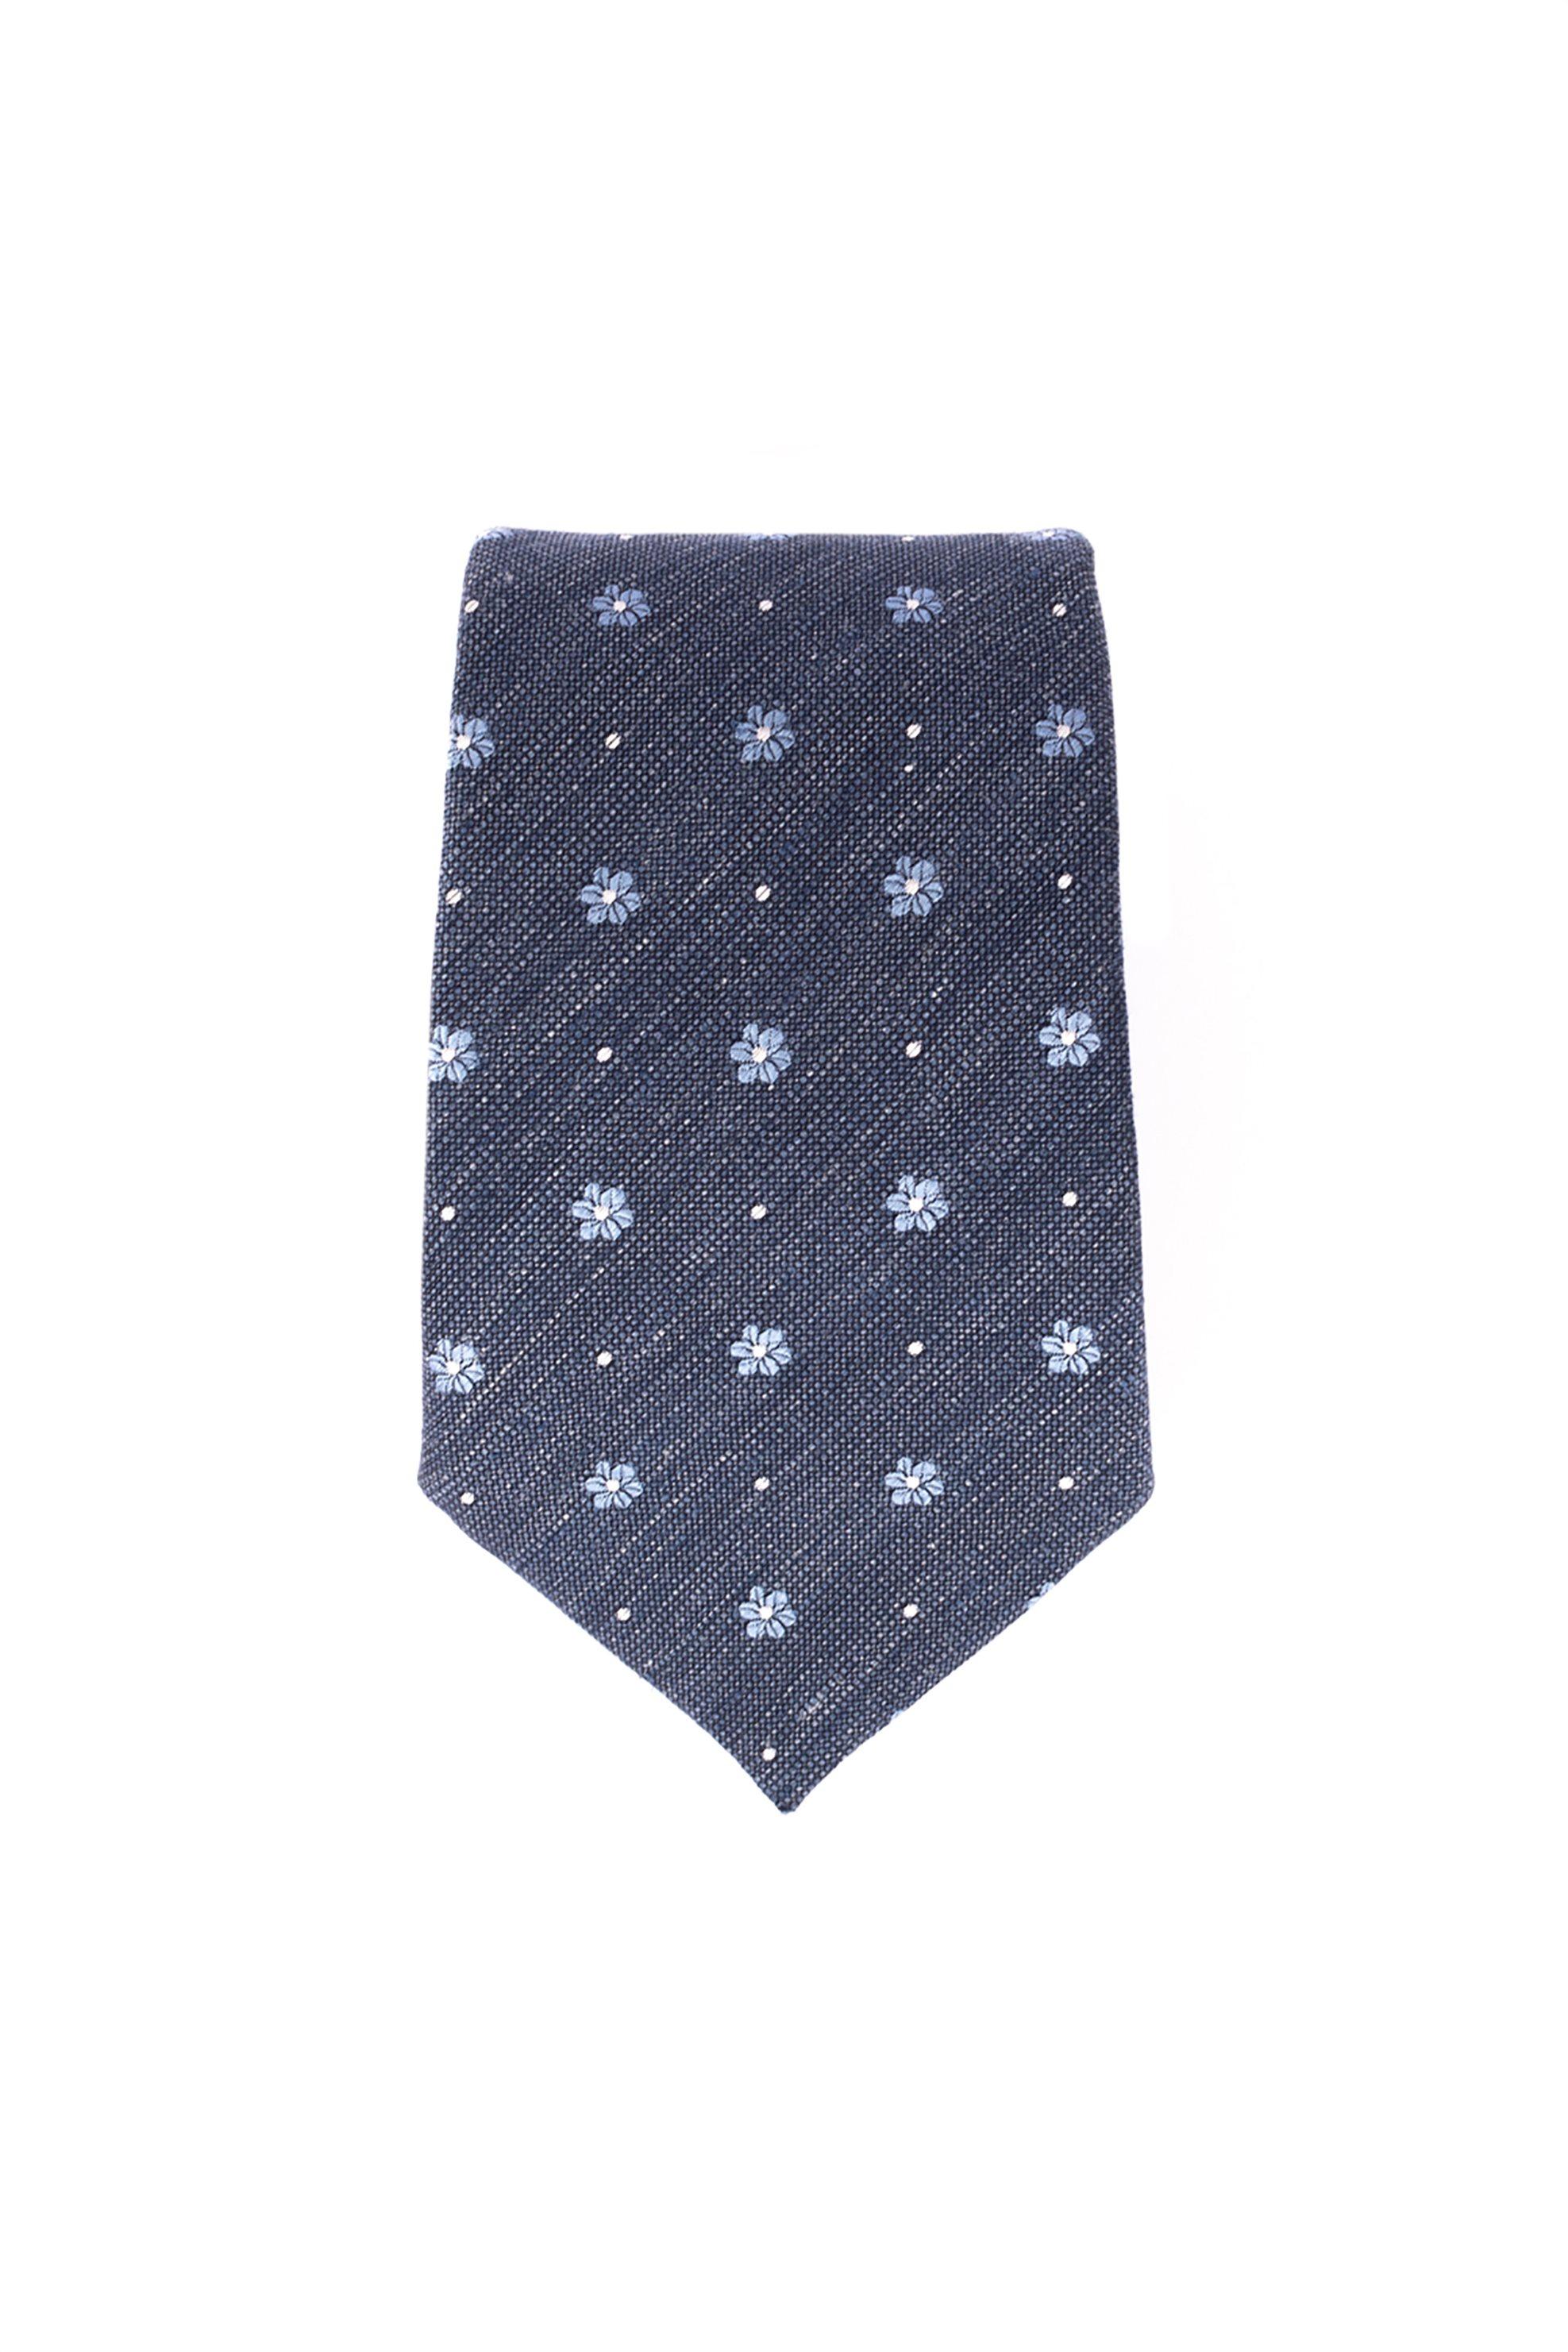 Dur ανδρική μεταξωτή γραβάτα με μιρκοσχέδιο - 71200108 - Μπλε Σκούρο